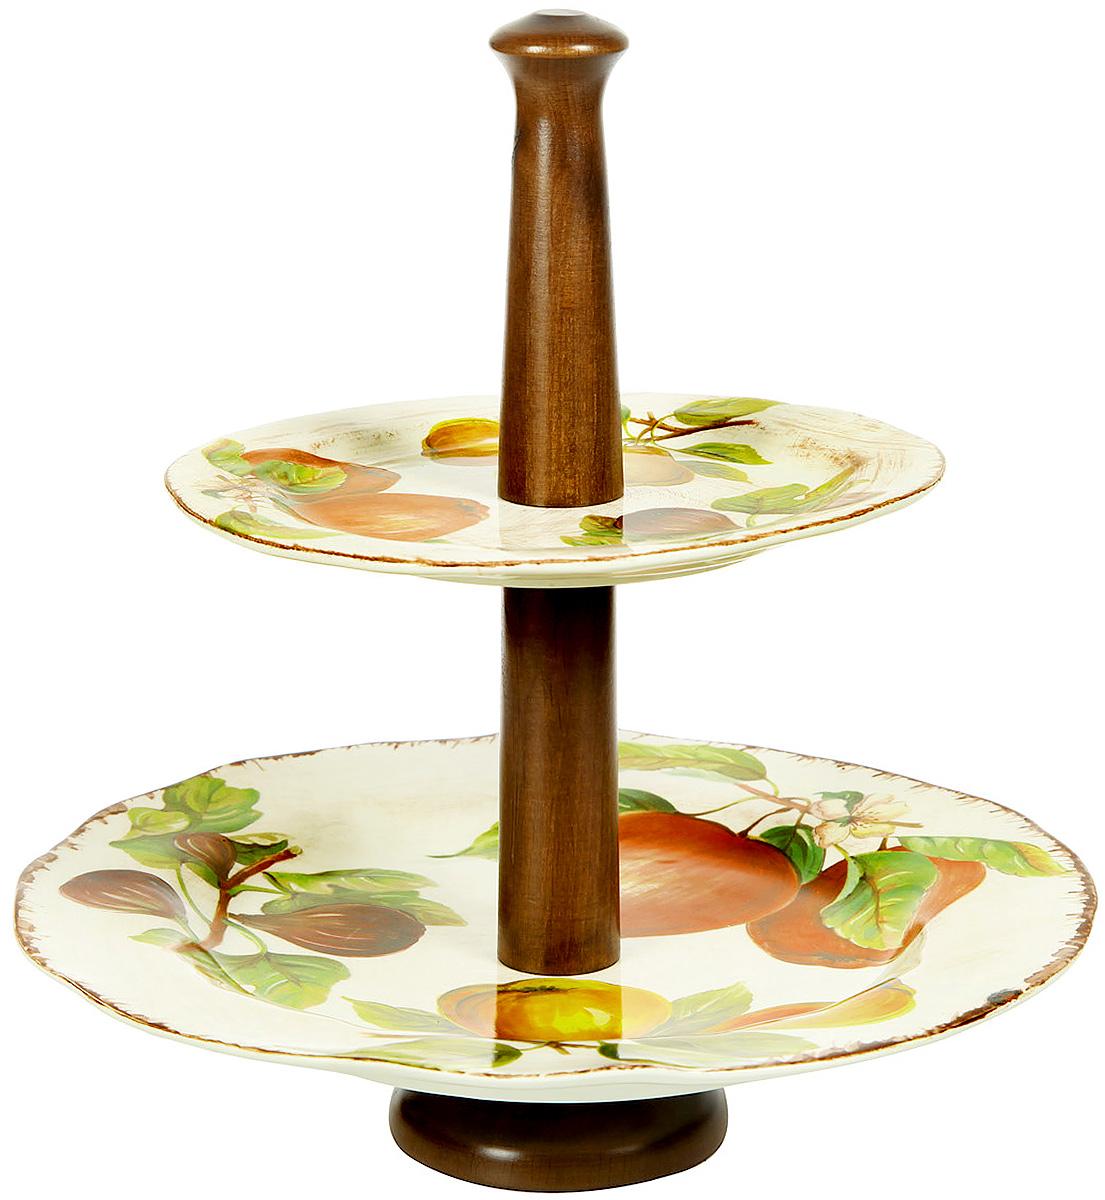 Горка двухъярусная Sestesi, высота 34 смFRTT/1055Создание компании, претендующей на мировую популярность, требует наличия определенной изюминки. Фирма Lavorazione Ceramiche Sestesi (LCS) – популярный производитель, известный своими первоклассными изделиями из керамики. Дизайнеры компании разрабатывают разнообразные декоры в современном и классическом стилях, ориентируясь на новомодные тенденции.Изделия снабжены подарочными упаковками, поэтому могут быть преподнесены в качестве подарка к любому торжеству. Собрав набор из различных предметов, вы сможете организовать прекрасный и, что особенно важно, функциональный презент молодоженам, новоселам или просто сделать приятный сюрприз для близкого человека. Прекрасные декоры, ручная роспись, превосходное качество и регулярное обновление коллекций позволило итальянской компании Lavorazione Ceramiche Sestesi достаточно быстро выйти на мировой уровень. Сегодня ее изделия известны далеко за рубежом. Роскошная керамика LCS по вкусу ценителям изысканной посуды, выполненной в флорентийском стиле....